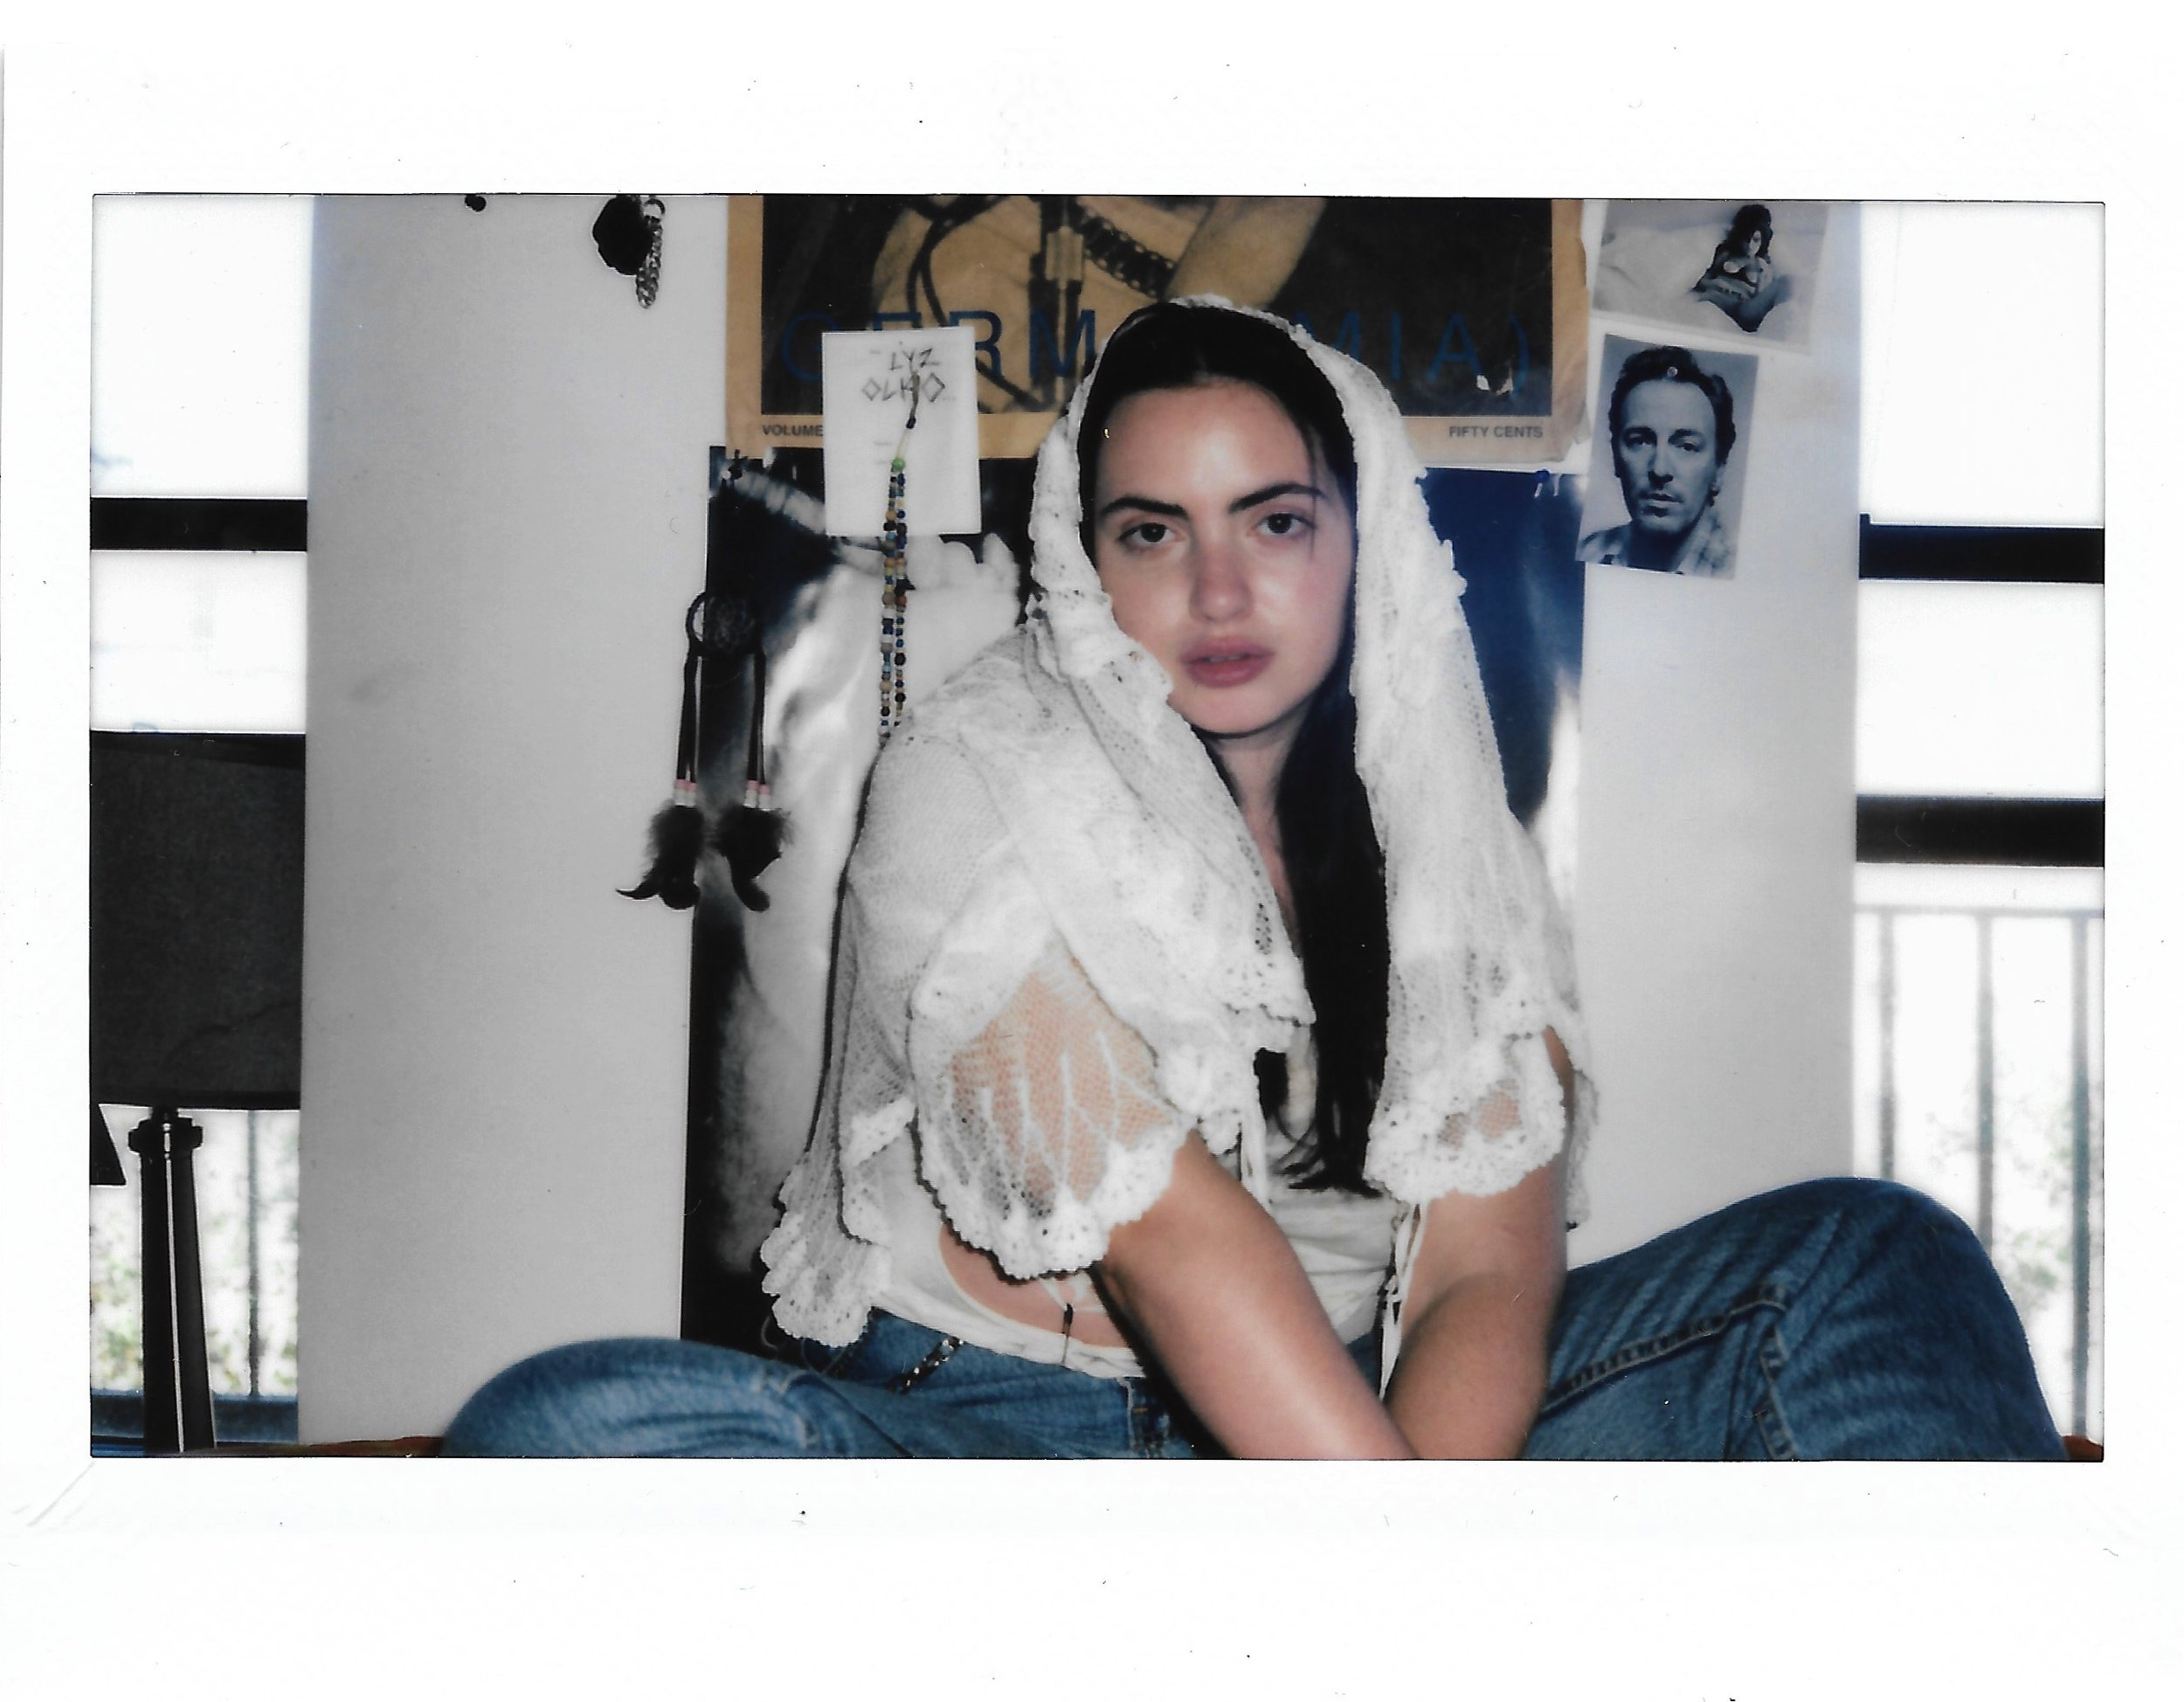 yasmine_polaroidangel.jpg